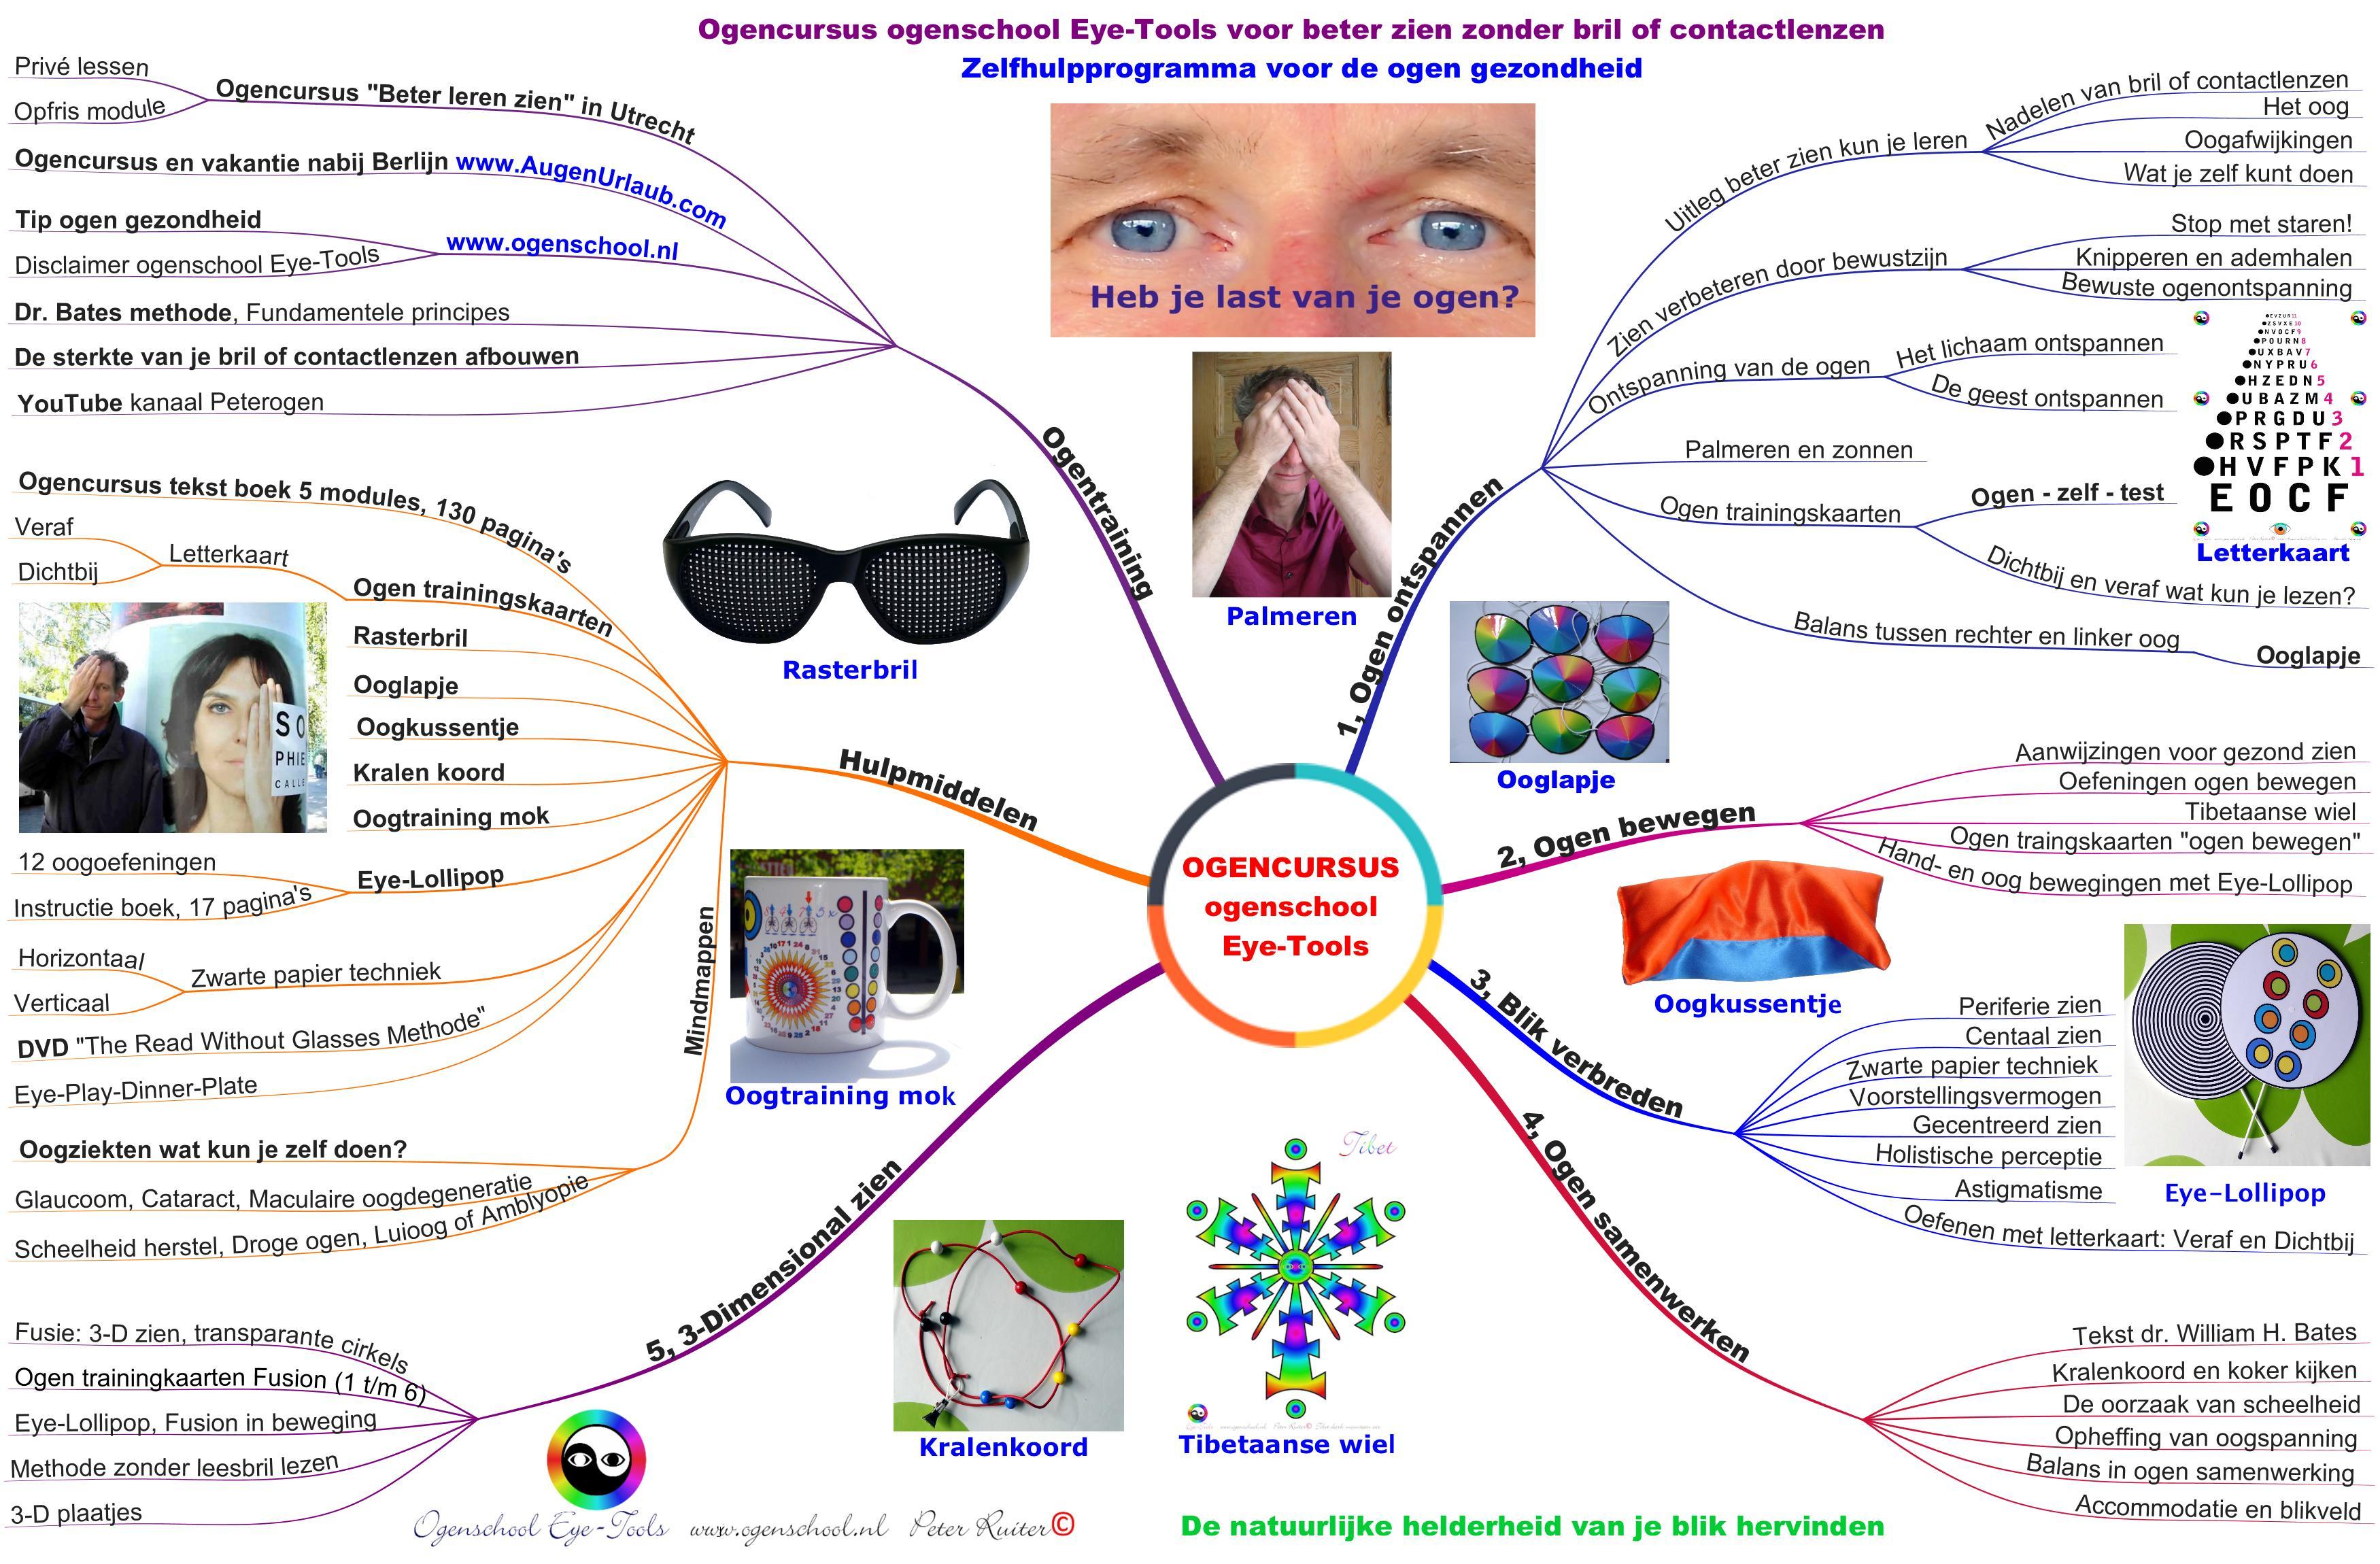 Mindmap van de ogencursus van ogenschool Eye-Tools. Beter leren zien zonder bril of contactlenzen.